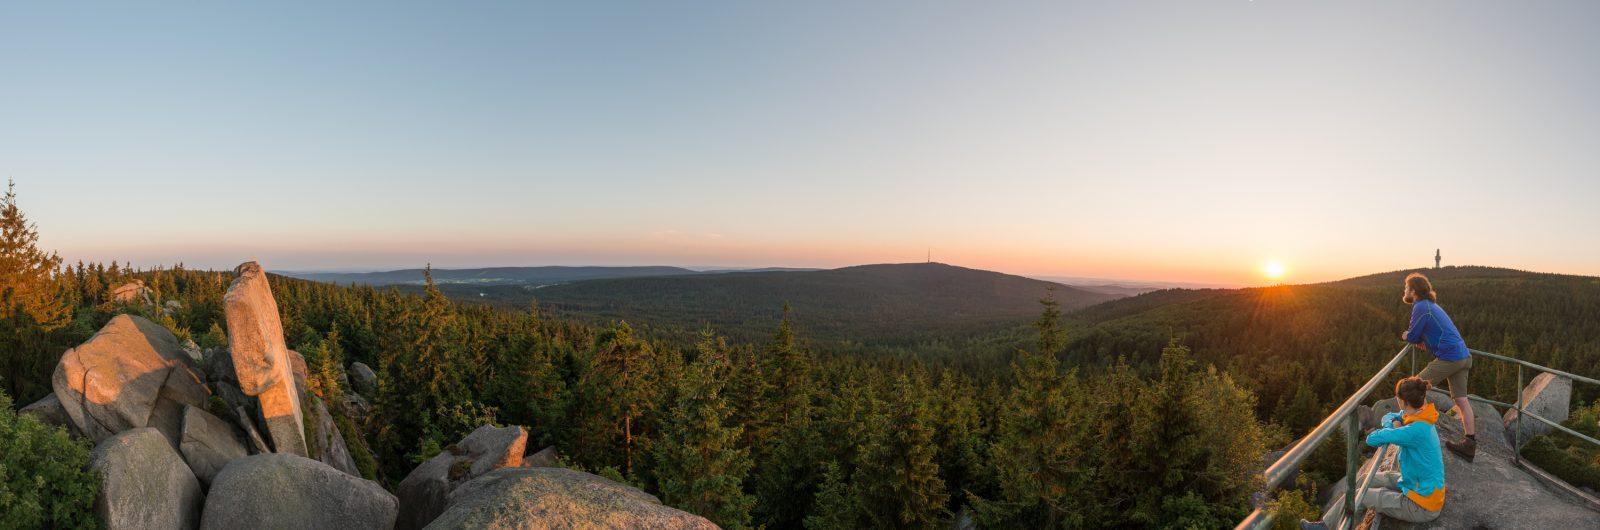 Abendstimmung mit Blick auf Schneeberg und Ochsenkopf